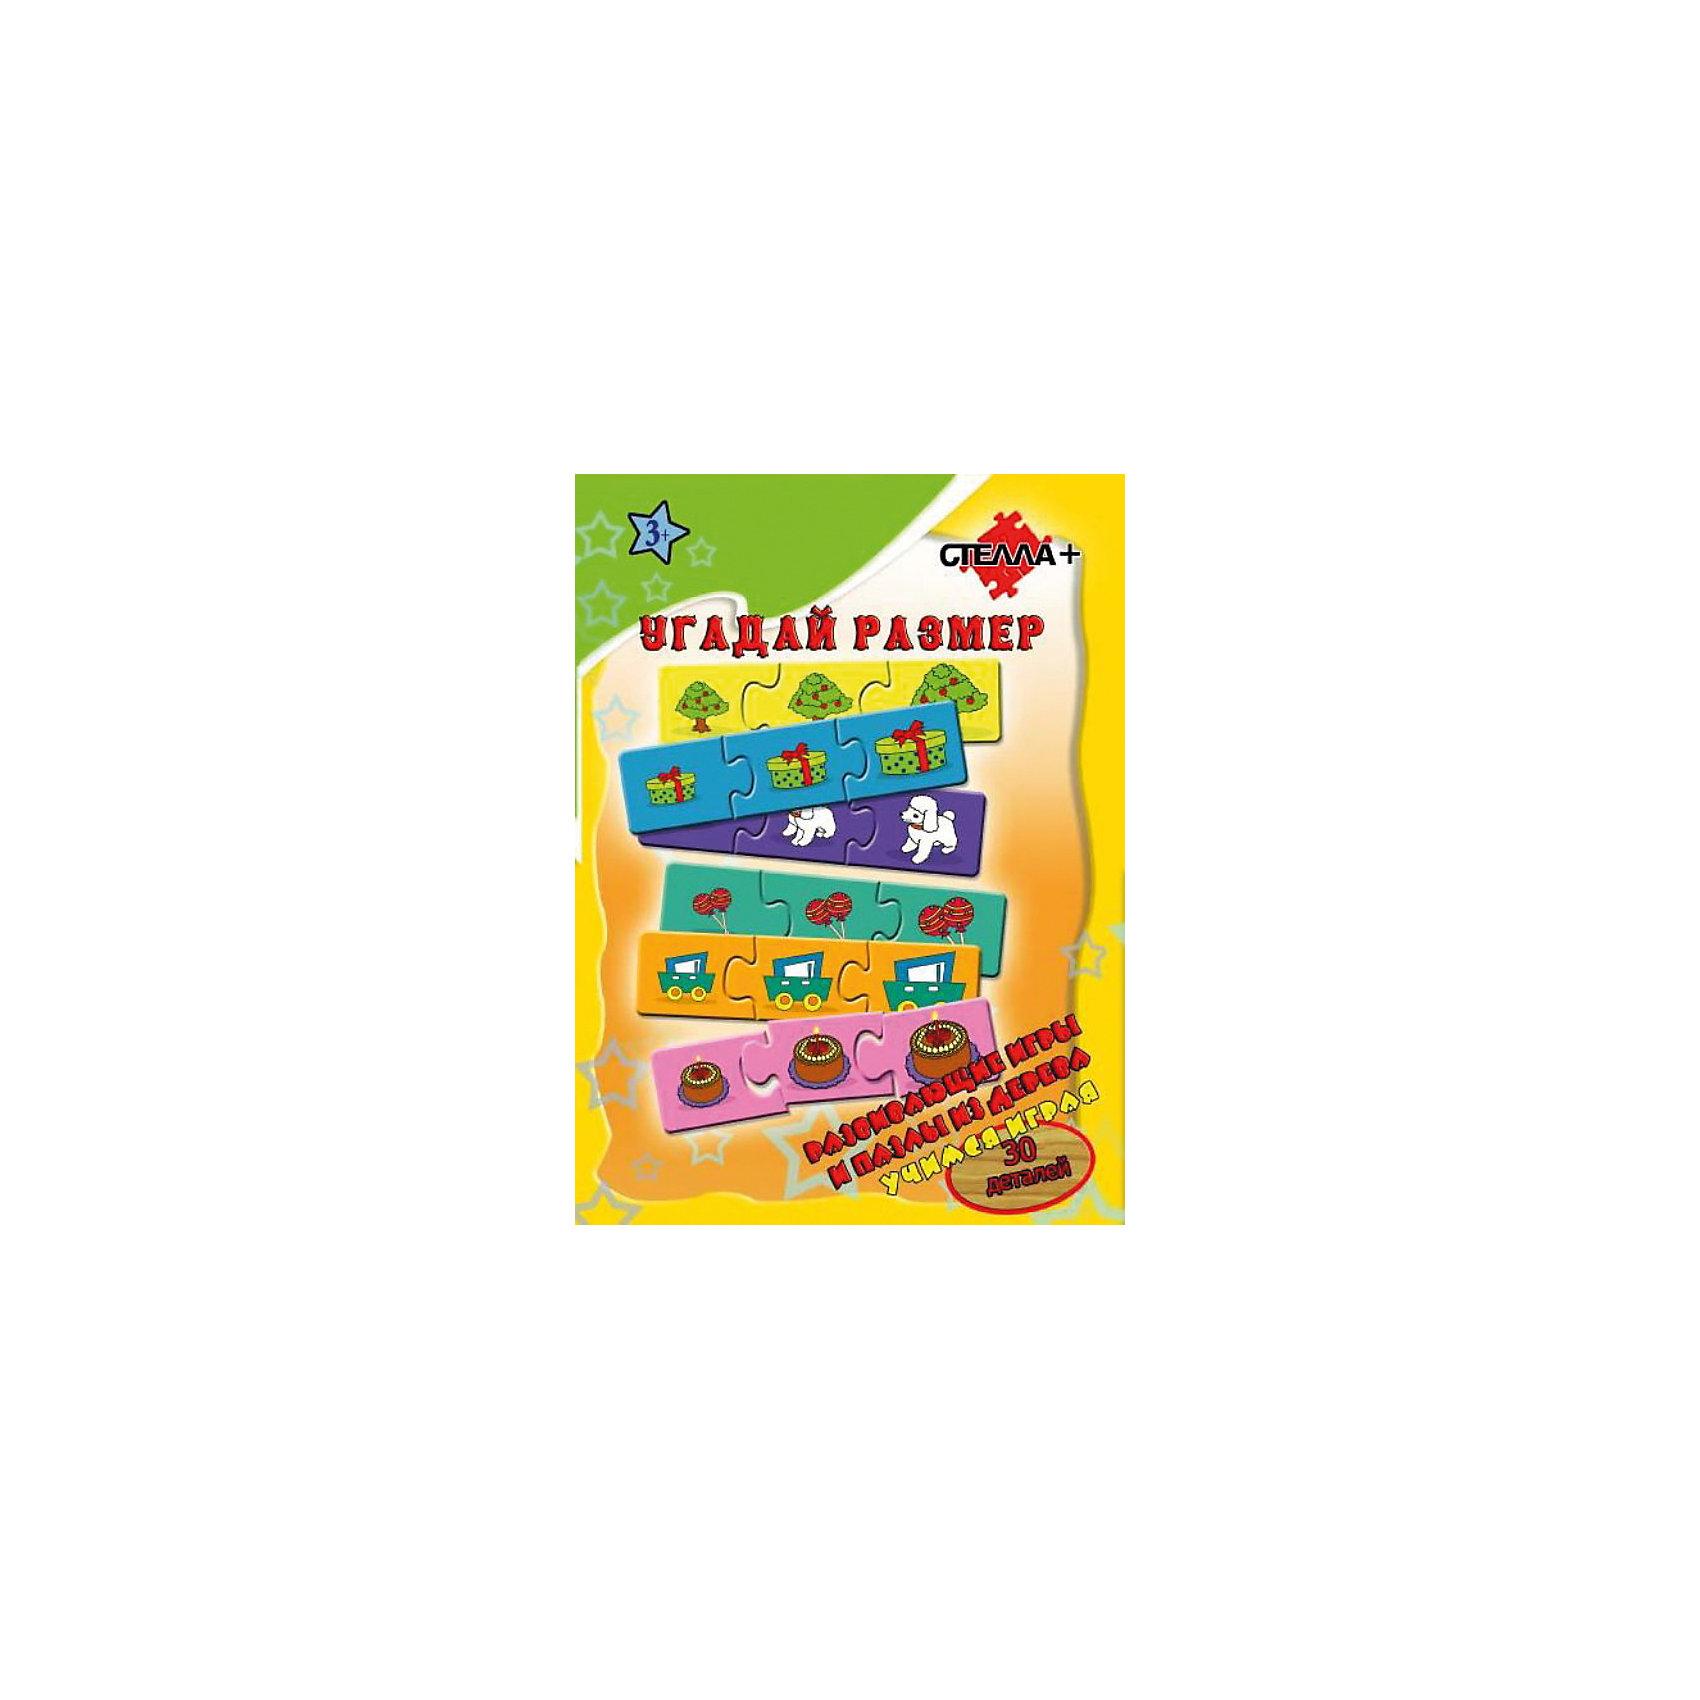 Игра маленькая Угадай размер, СТЕЛЛА+Развивающие игры<br>Игра маленькая Угадай размер, СТЕЛЛА+<br><br>Характеристики:<br><br>• научит ребенка распознавать размеры<br>• 10 пазлов из трех деталей<br>• количество деталей: 30<br>• размер упаковки: 22х16х4,5 см<br>• вес: 340 грамм<br>• материал: дерево<br><br>Угадай размер - деревянный пазл, с помощью которого малыш научится отличать большое, среднее и маленькое. Каждый пазл состоит из трех деталей. Детали нужно соединить по порядку от маленького к большому. Яркие картинки, знакомые каждому понравятся крохе и он обязательно проявит интерес к игре. Игрушка изготовлена из дерева и отвечает всем требованиям безопасности. С этими пазлами ваш малыш проведет время с пользой!<br><br>Игру маленькую Угадай размер, СТЕЛЛА+ вы можете купить в нашем интернет-магазине.<br><br>Ширина мм: 220<br>Глубина мм: 160<br>Высота мм: 45<br>Вес г: 340<br>Возраст от месяцев: 36<br>Возраст до месяцев: 48<br>Пол: Унисекс<br>Возраст: Детский<br>SKU: 2328297